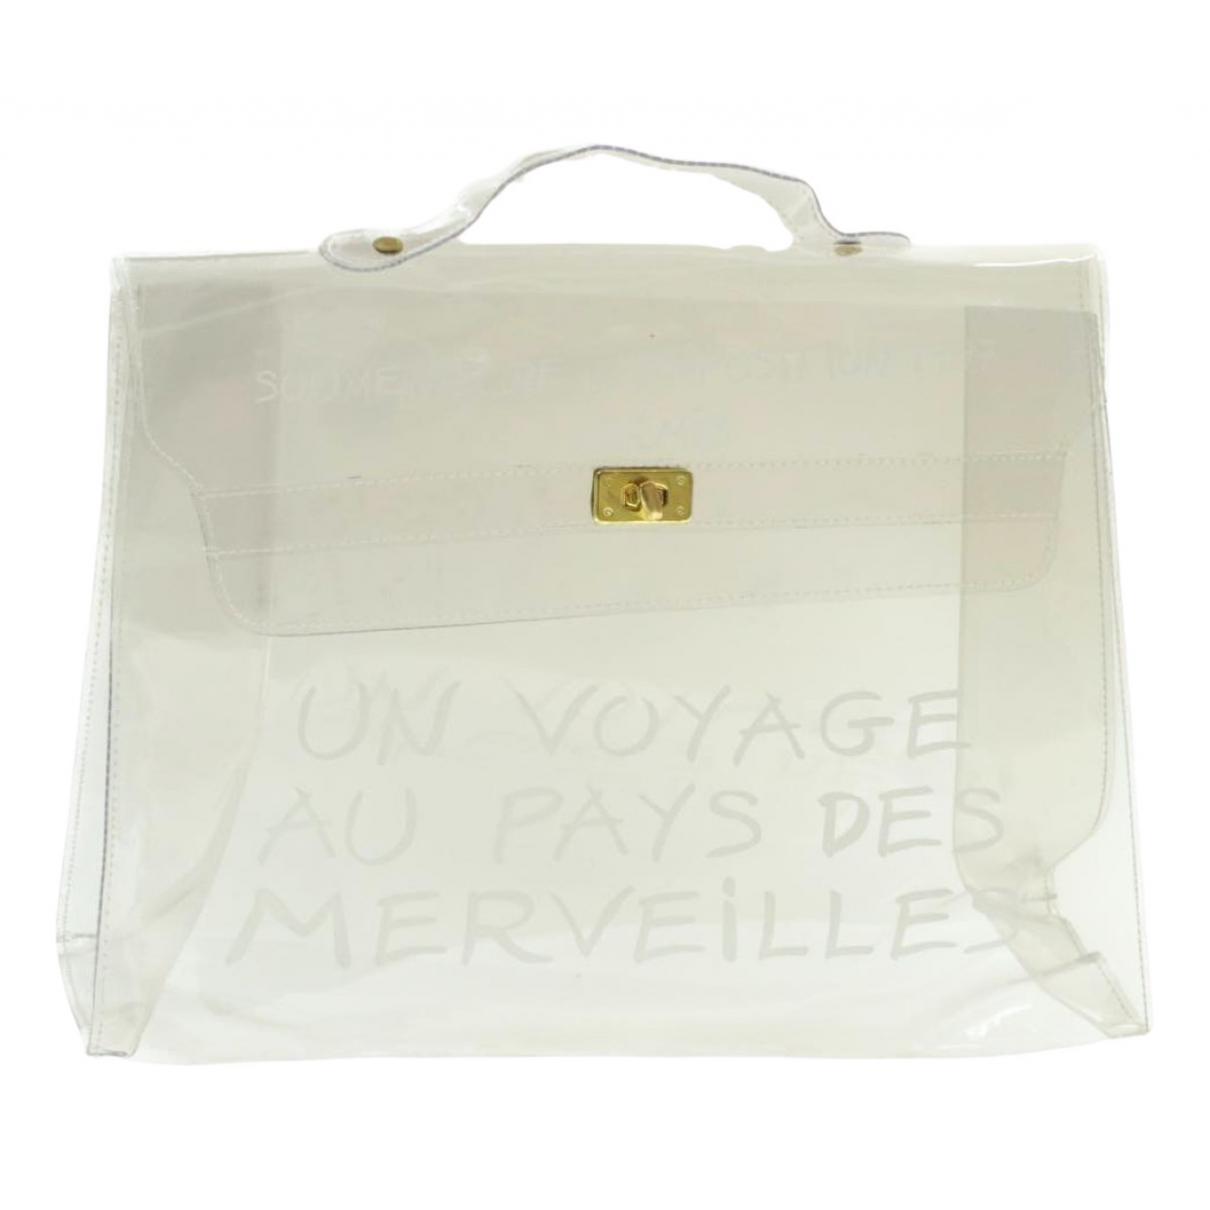 Hermes \N Handtasche in Kunststoff